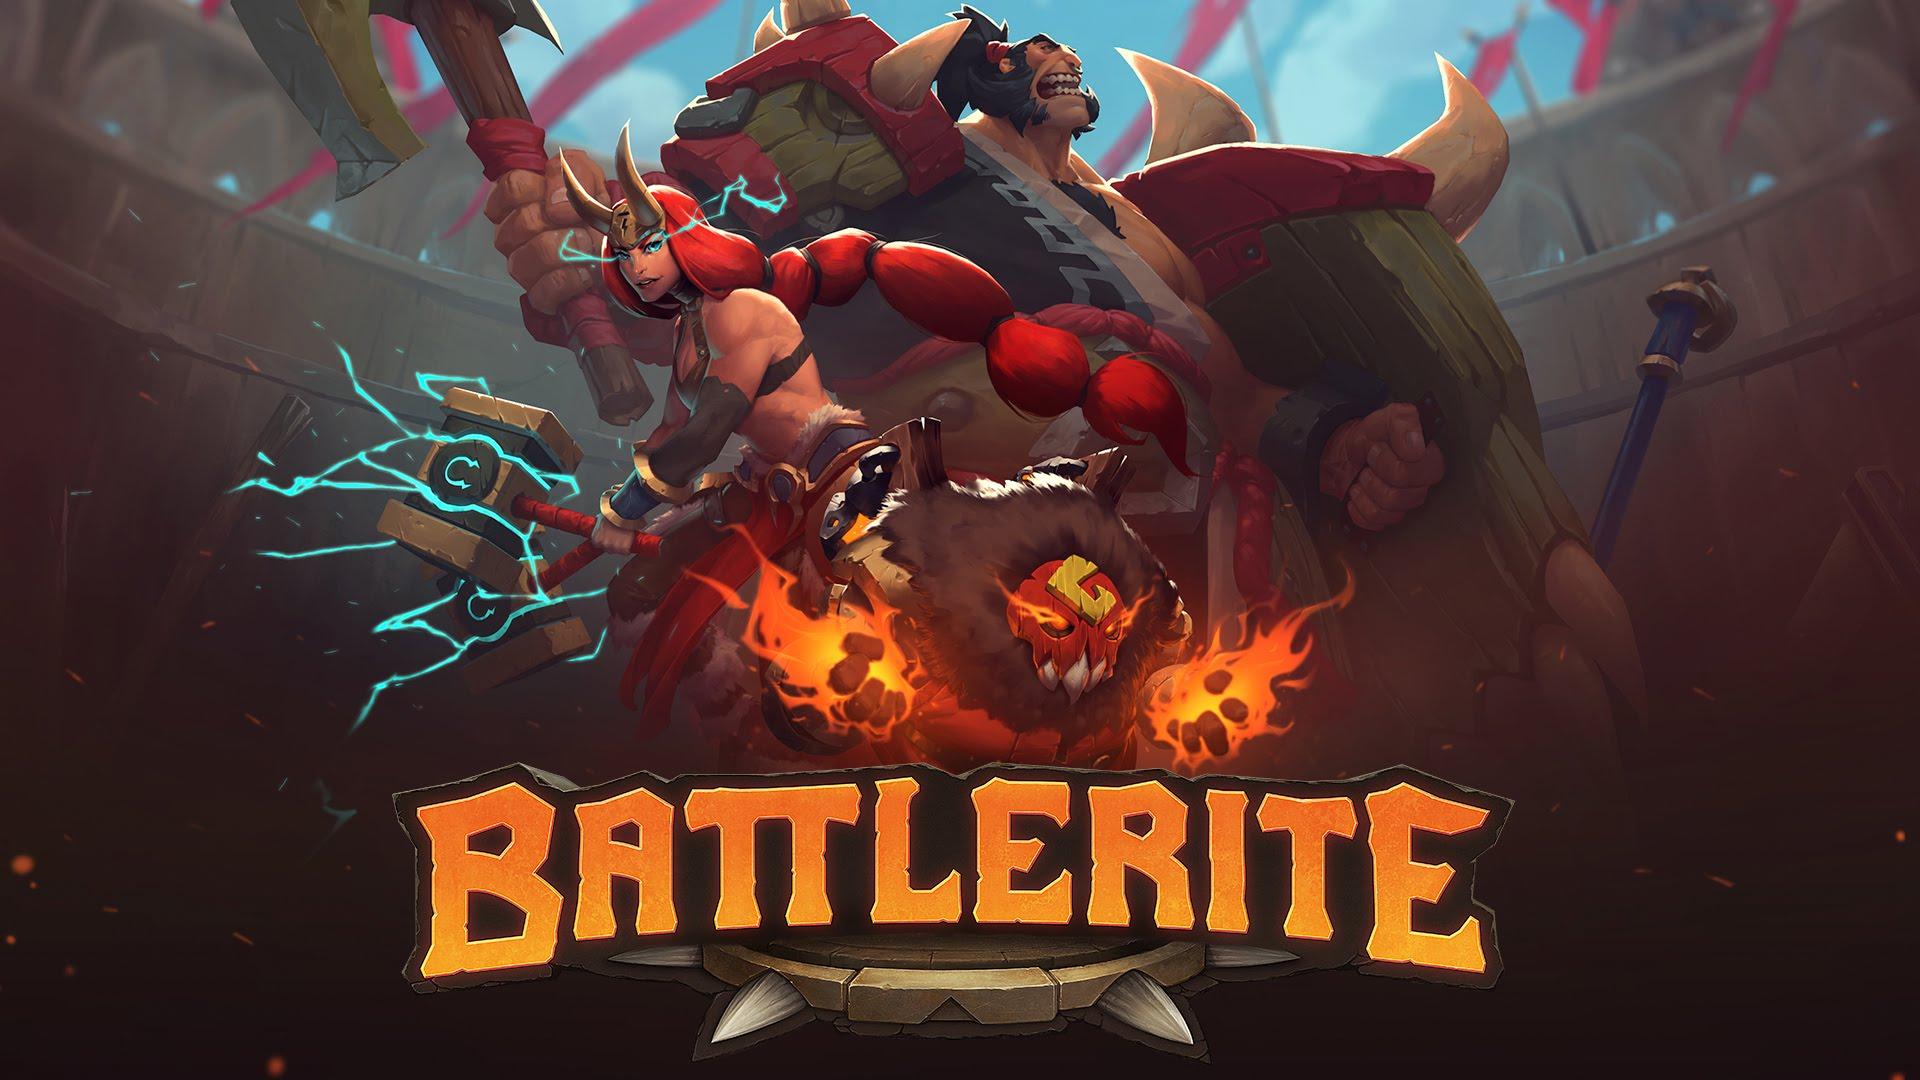 Соревновательный браулер Battlerite выйдет из раннего доступа 8 ноября. Анонсирована бесплатная неделя